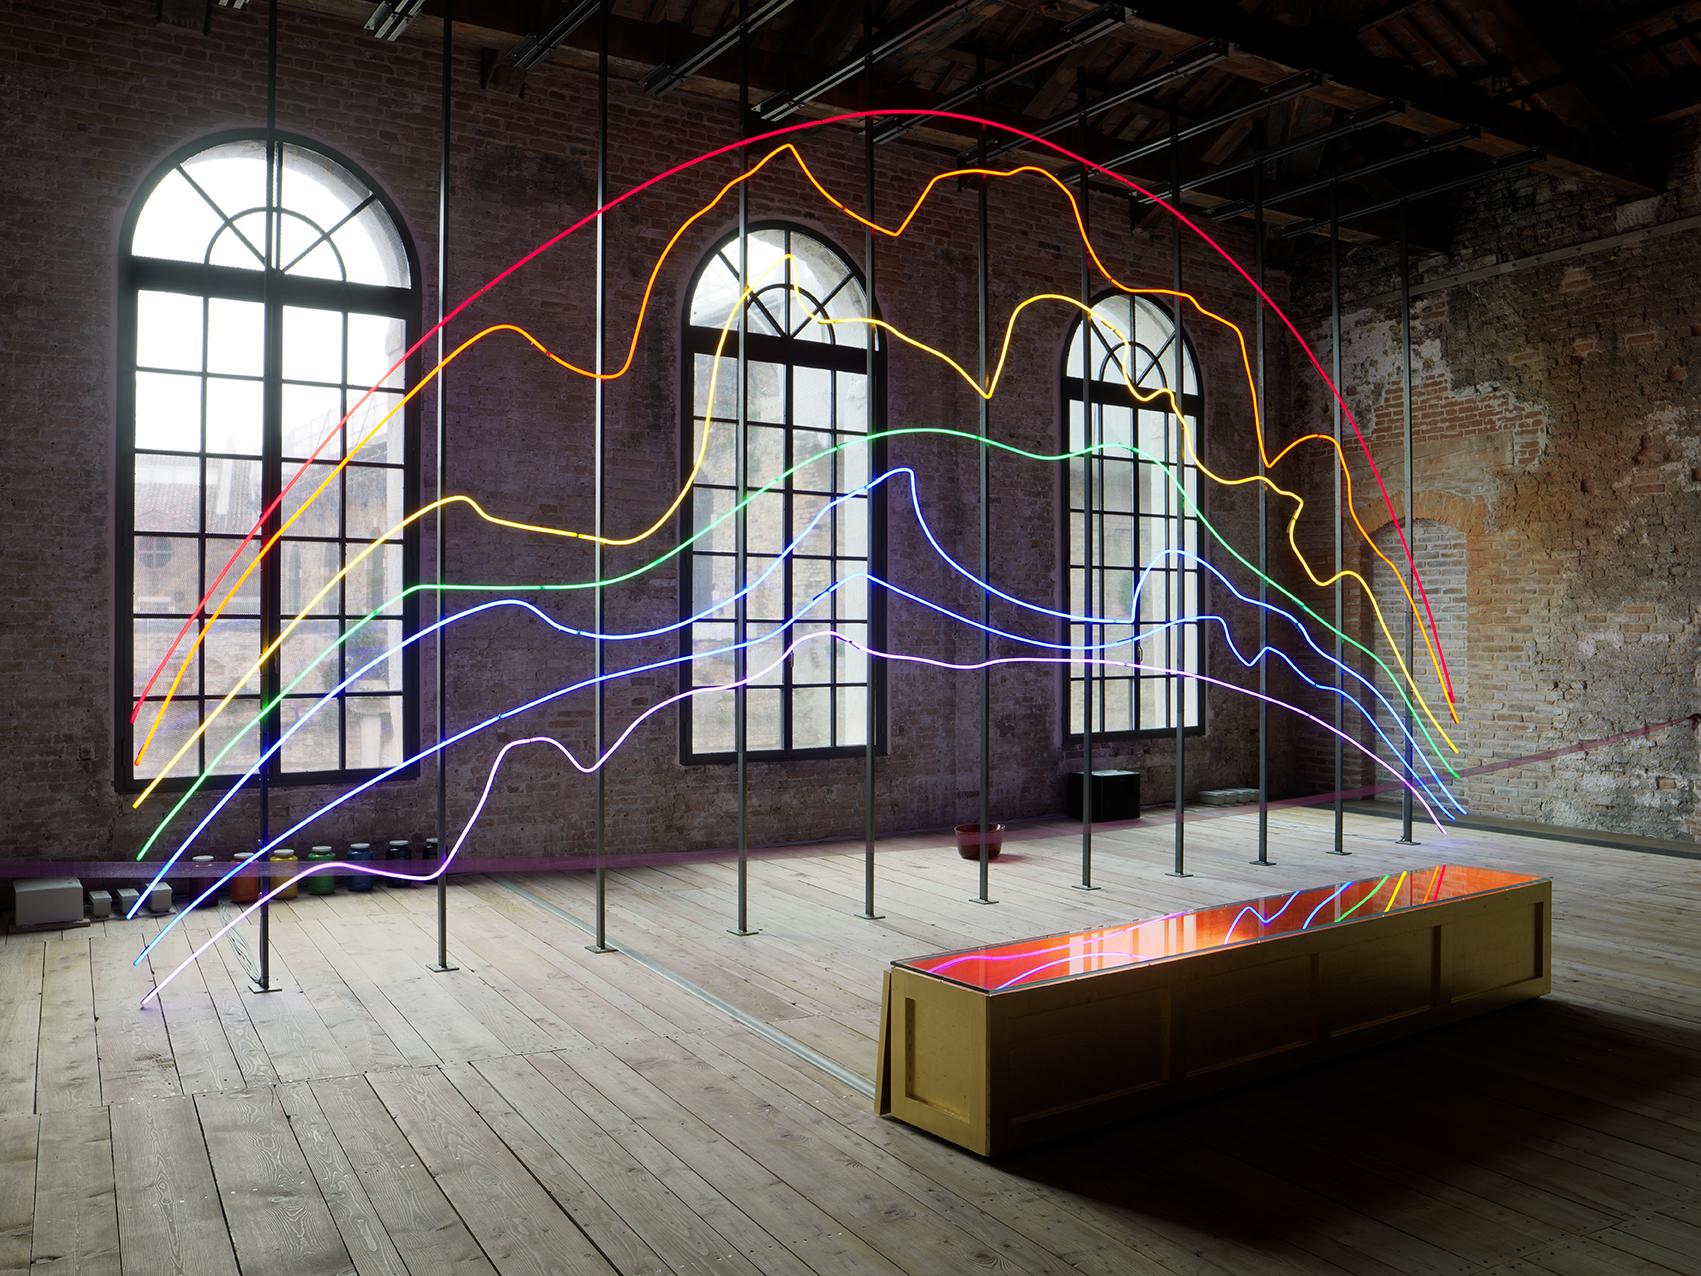 Rencontre de L'EDESTA Sarkis – Anatomie d'une exposition : Respiro (Biennale de Venise, 2015)